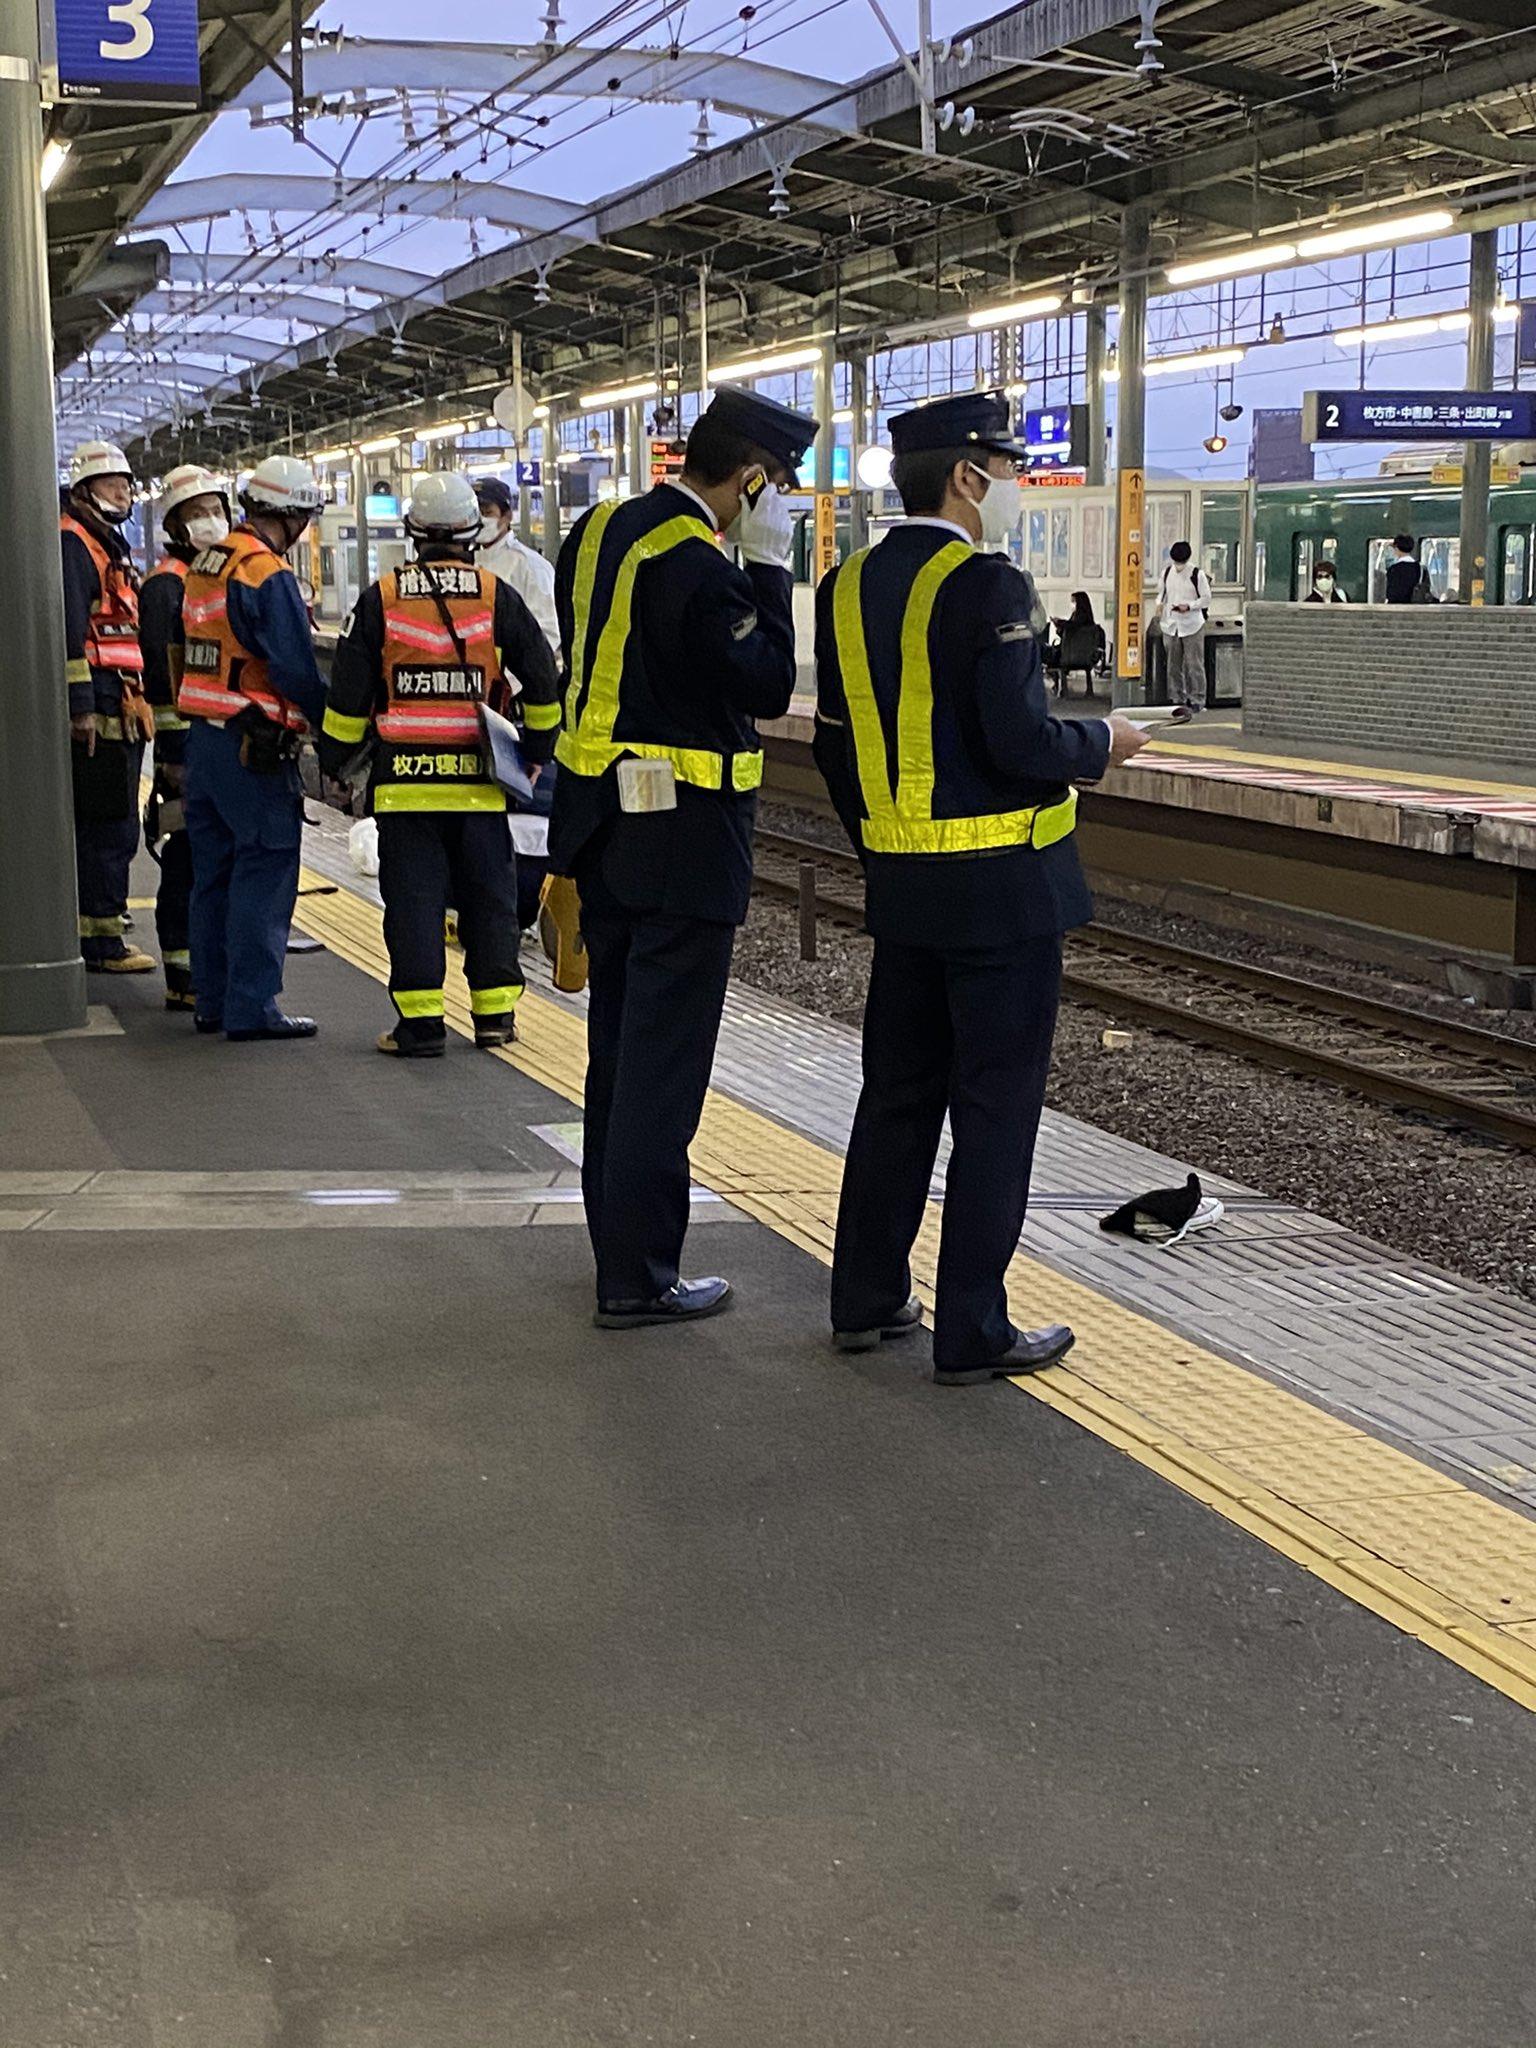 京阪本線の萱島駅で人身事故が発生した現場の画像